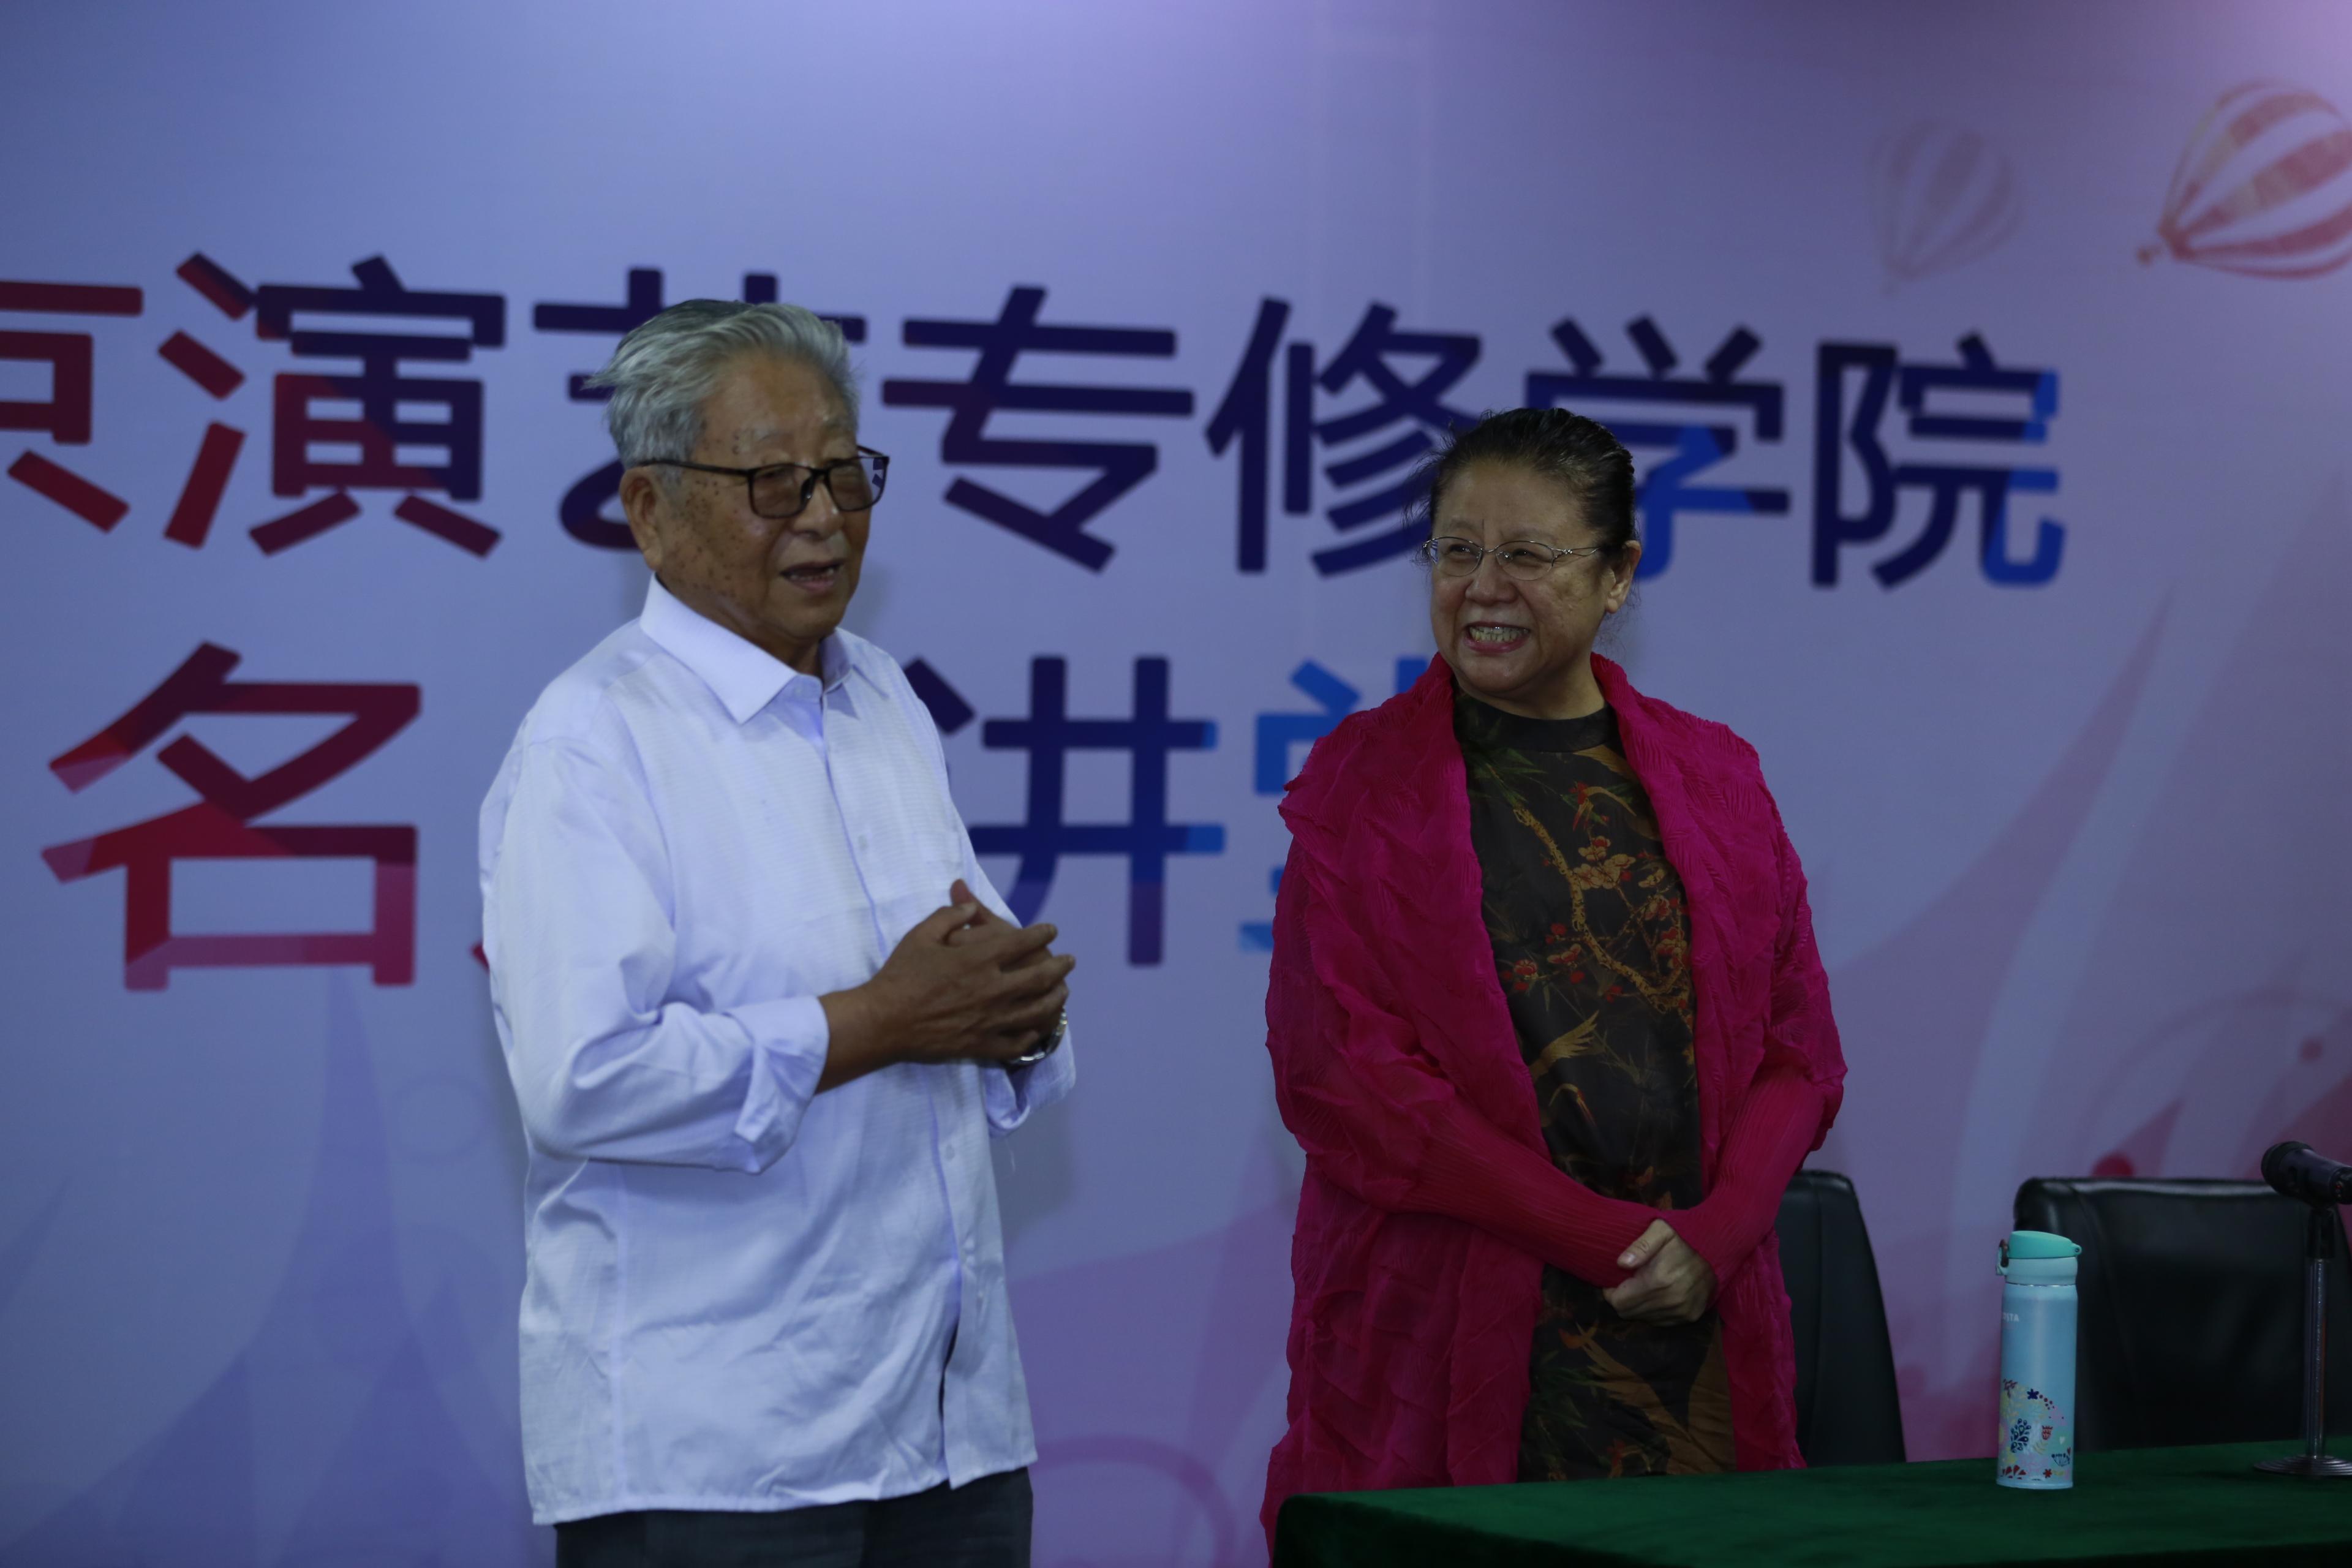 国家一级导演娄乃鸣做客北京演艺专修学院名人讲堂